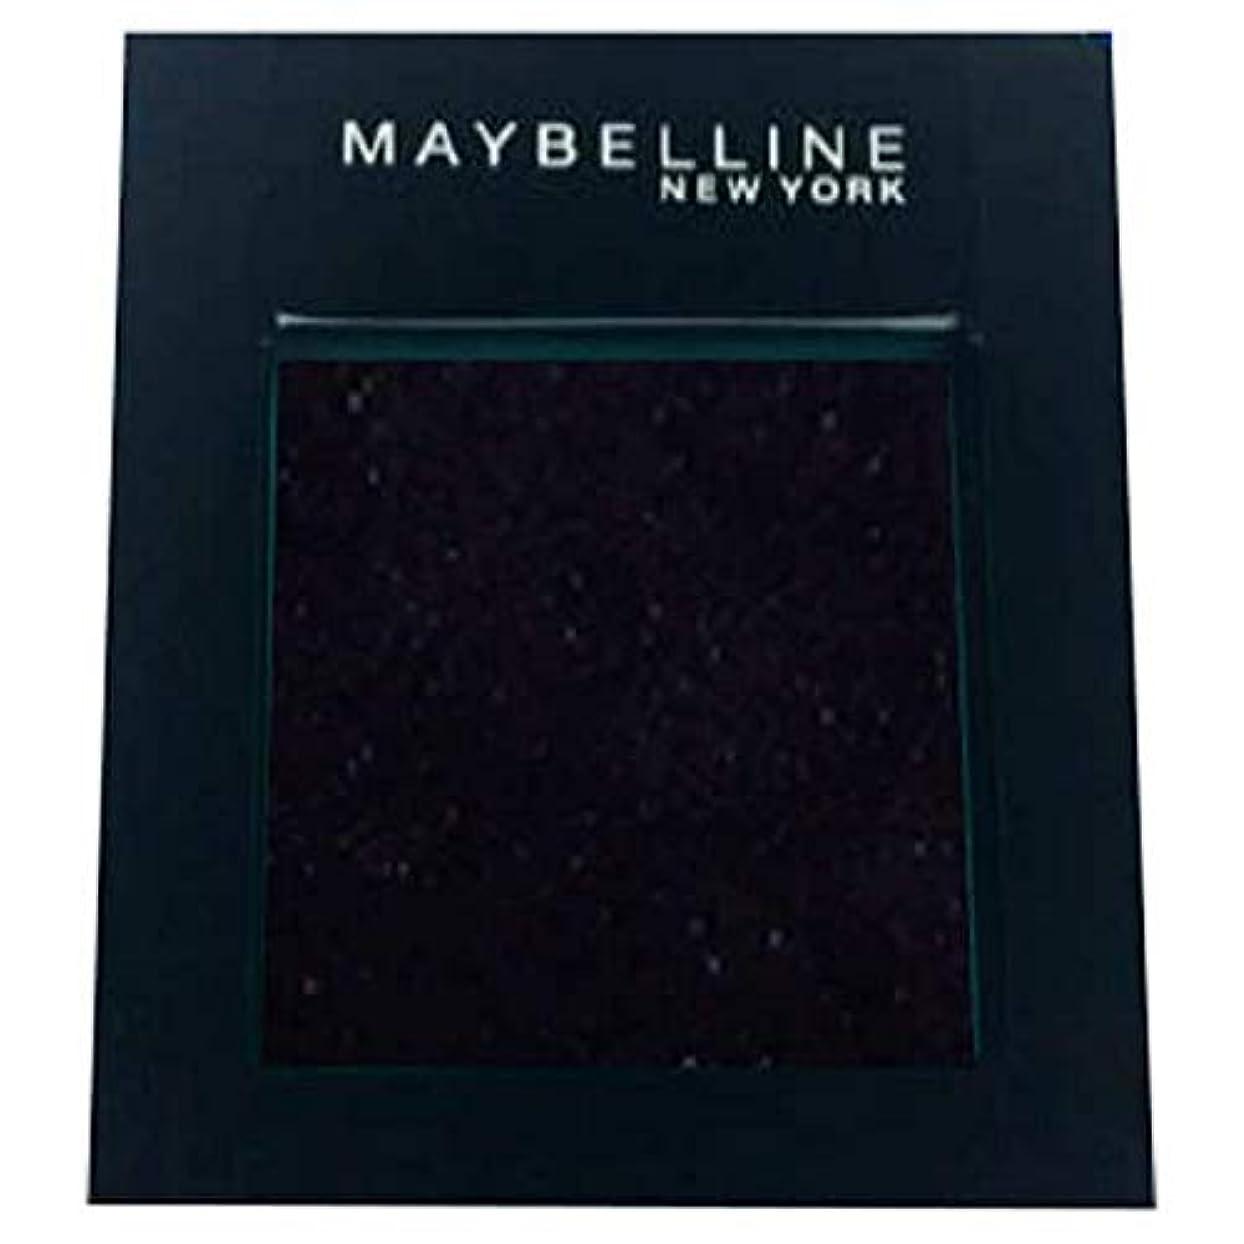 入札堂々たる兵器庫[Maybelline ] メイベリンカラーショーシングルアイシャドウ125の夜 - Maybelline Color Show Single Eyeshadow 125 Night [並行輸入品]